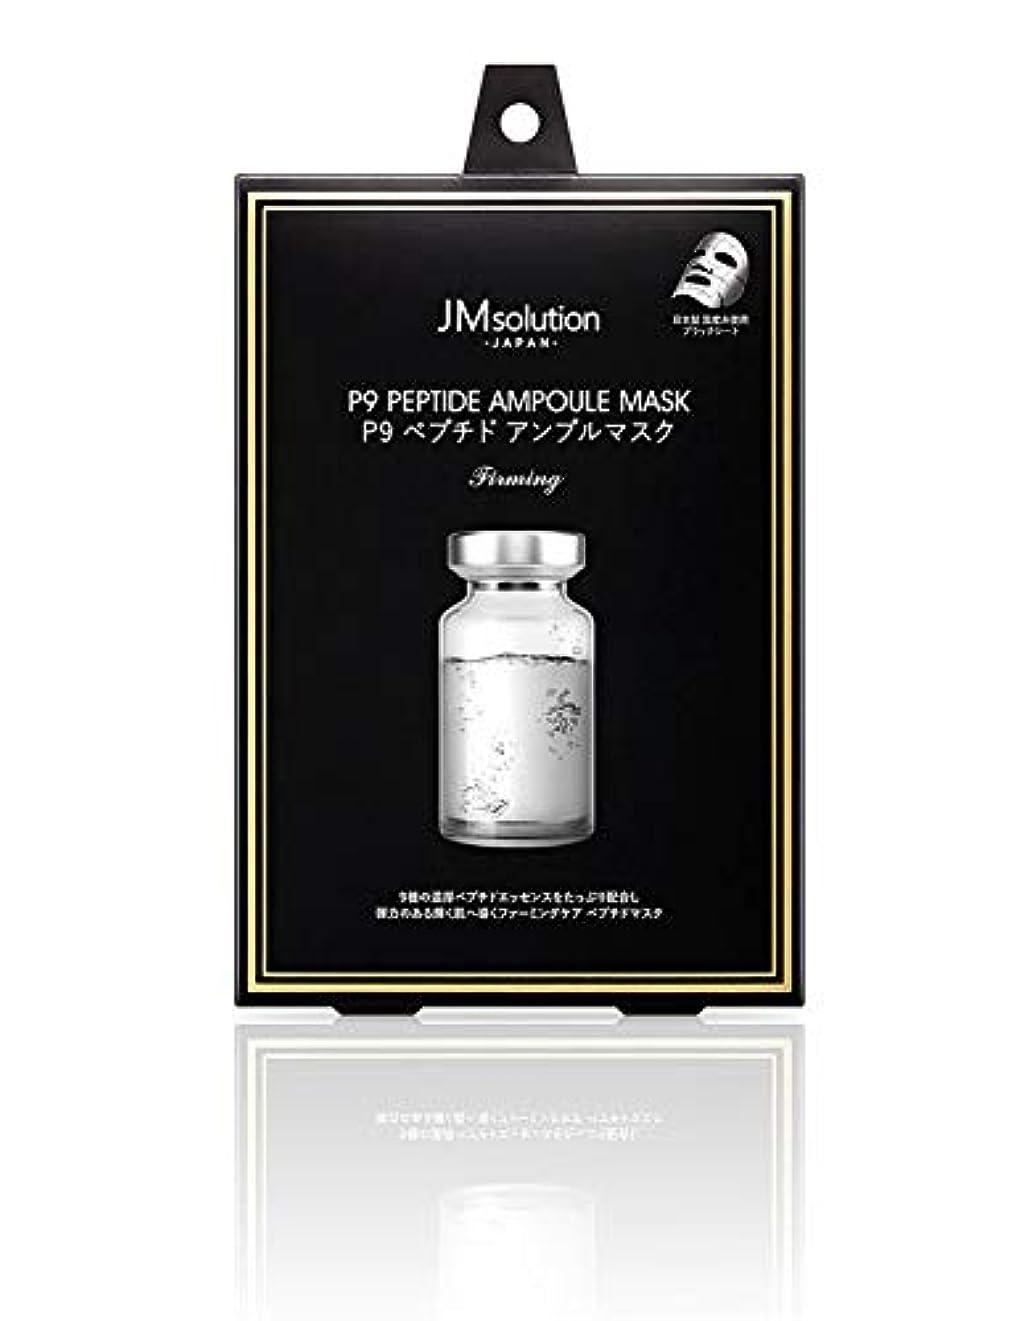 苦しめる反動時間JMsolution P9 ペプチド アンプルマスク ファーミング 30g×5枚(箱入り)